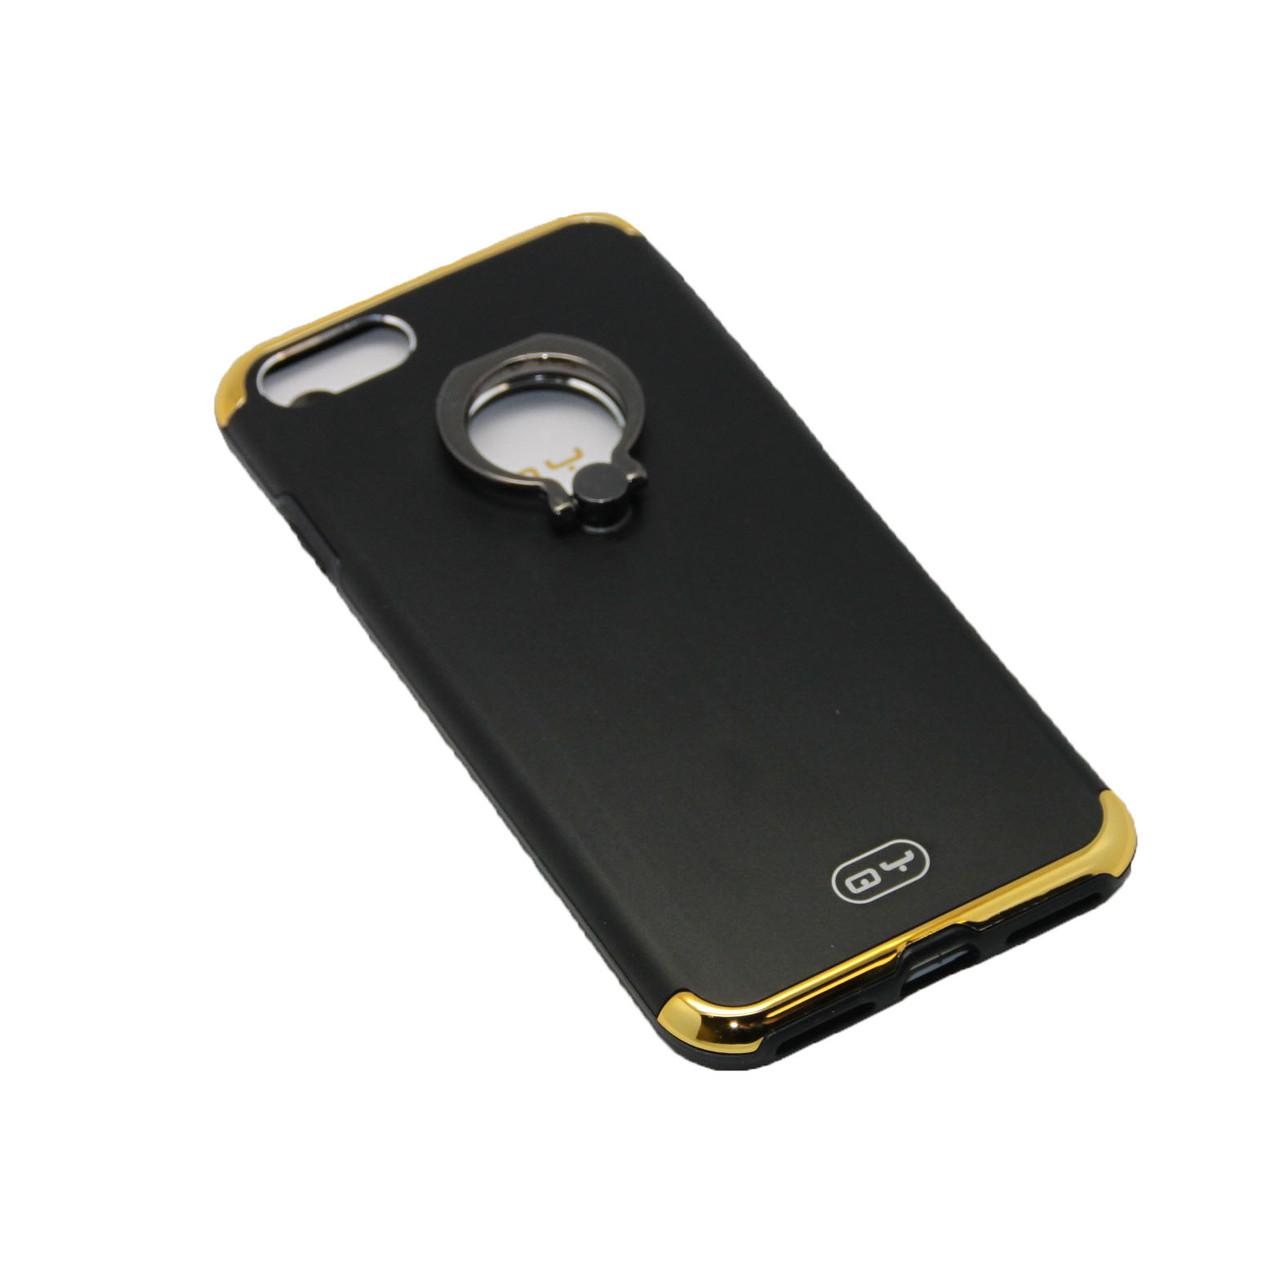 Чехол QY Yang с кольцом iPhone 7 Plus - фото 9